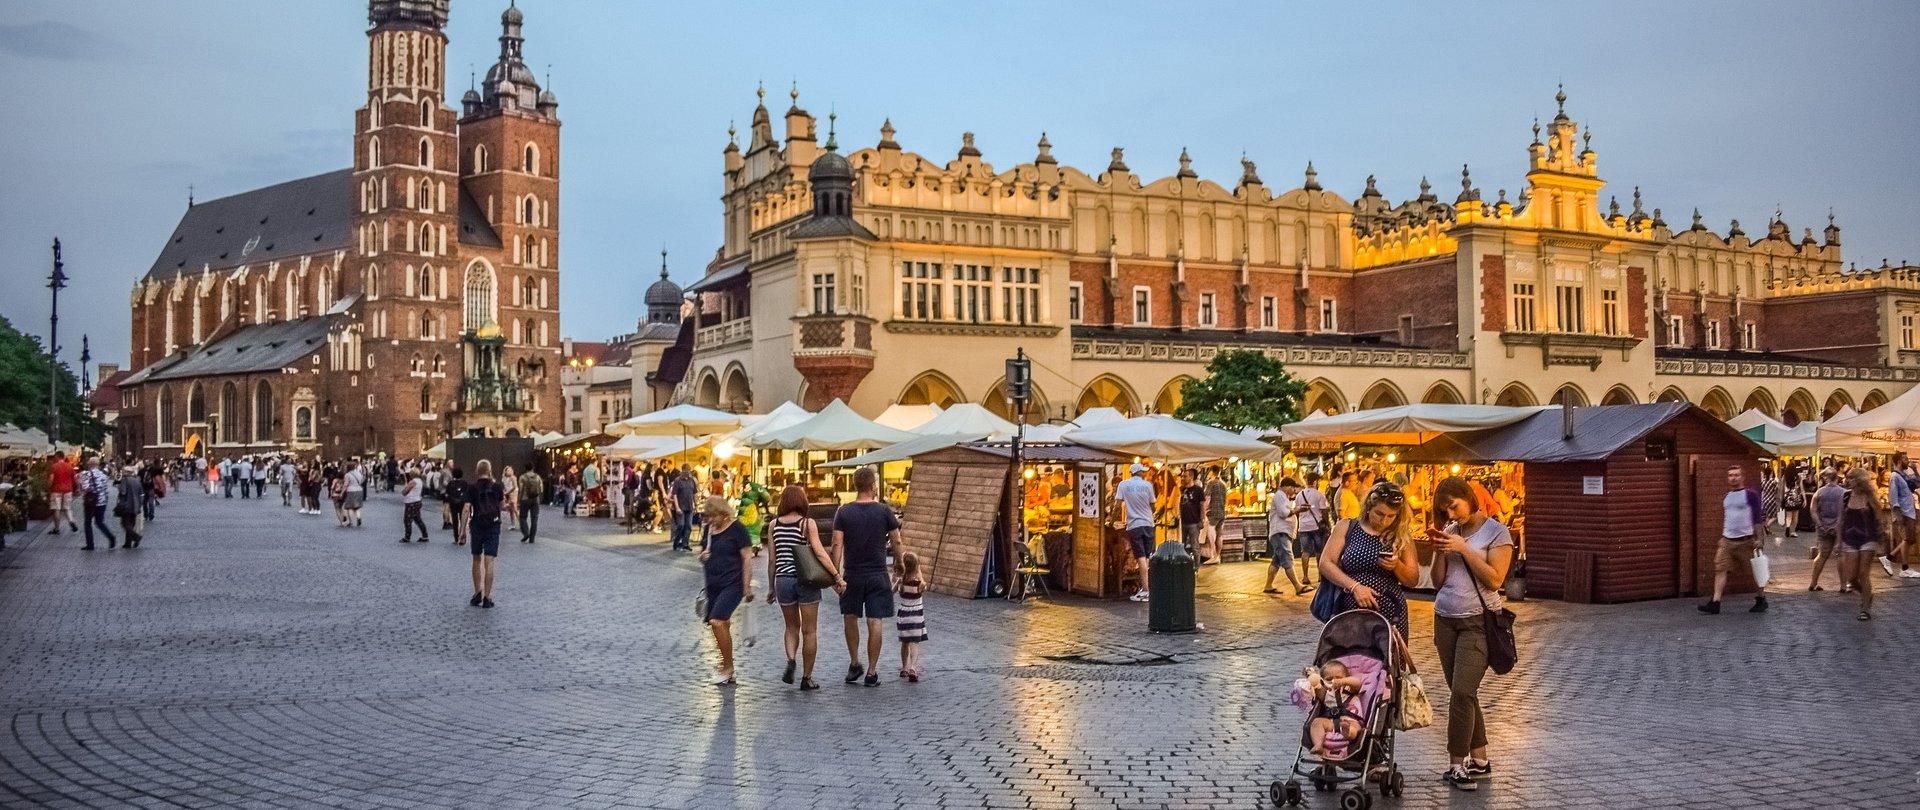 Jakie miejsca warto odwiedzić w Krakowie?